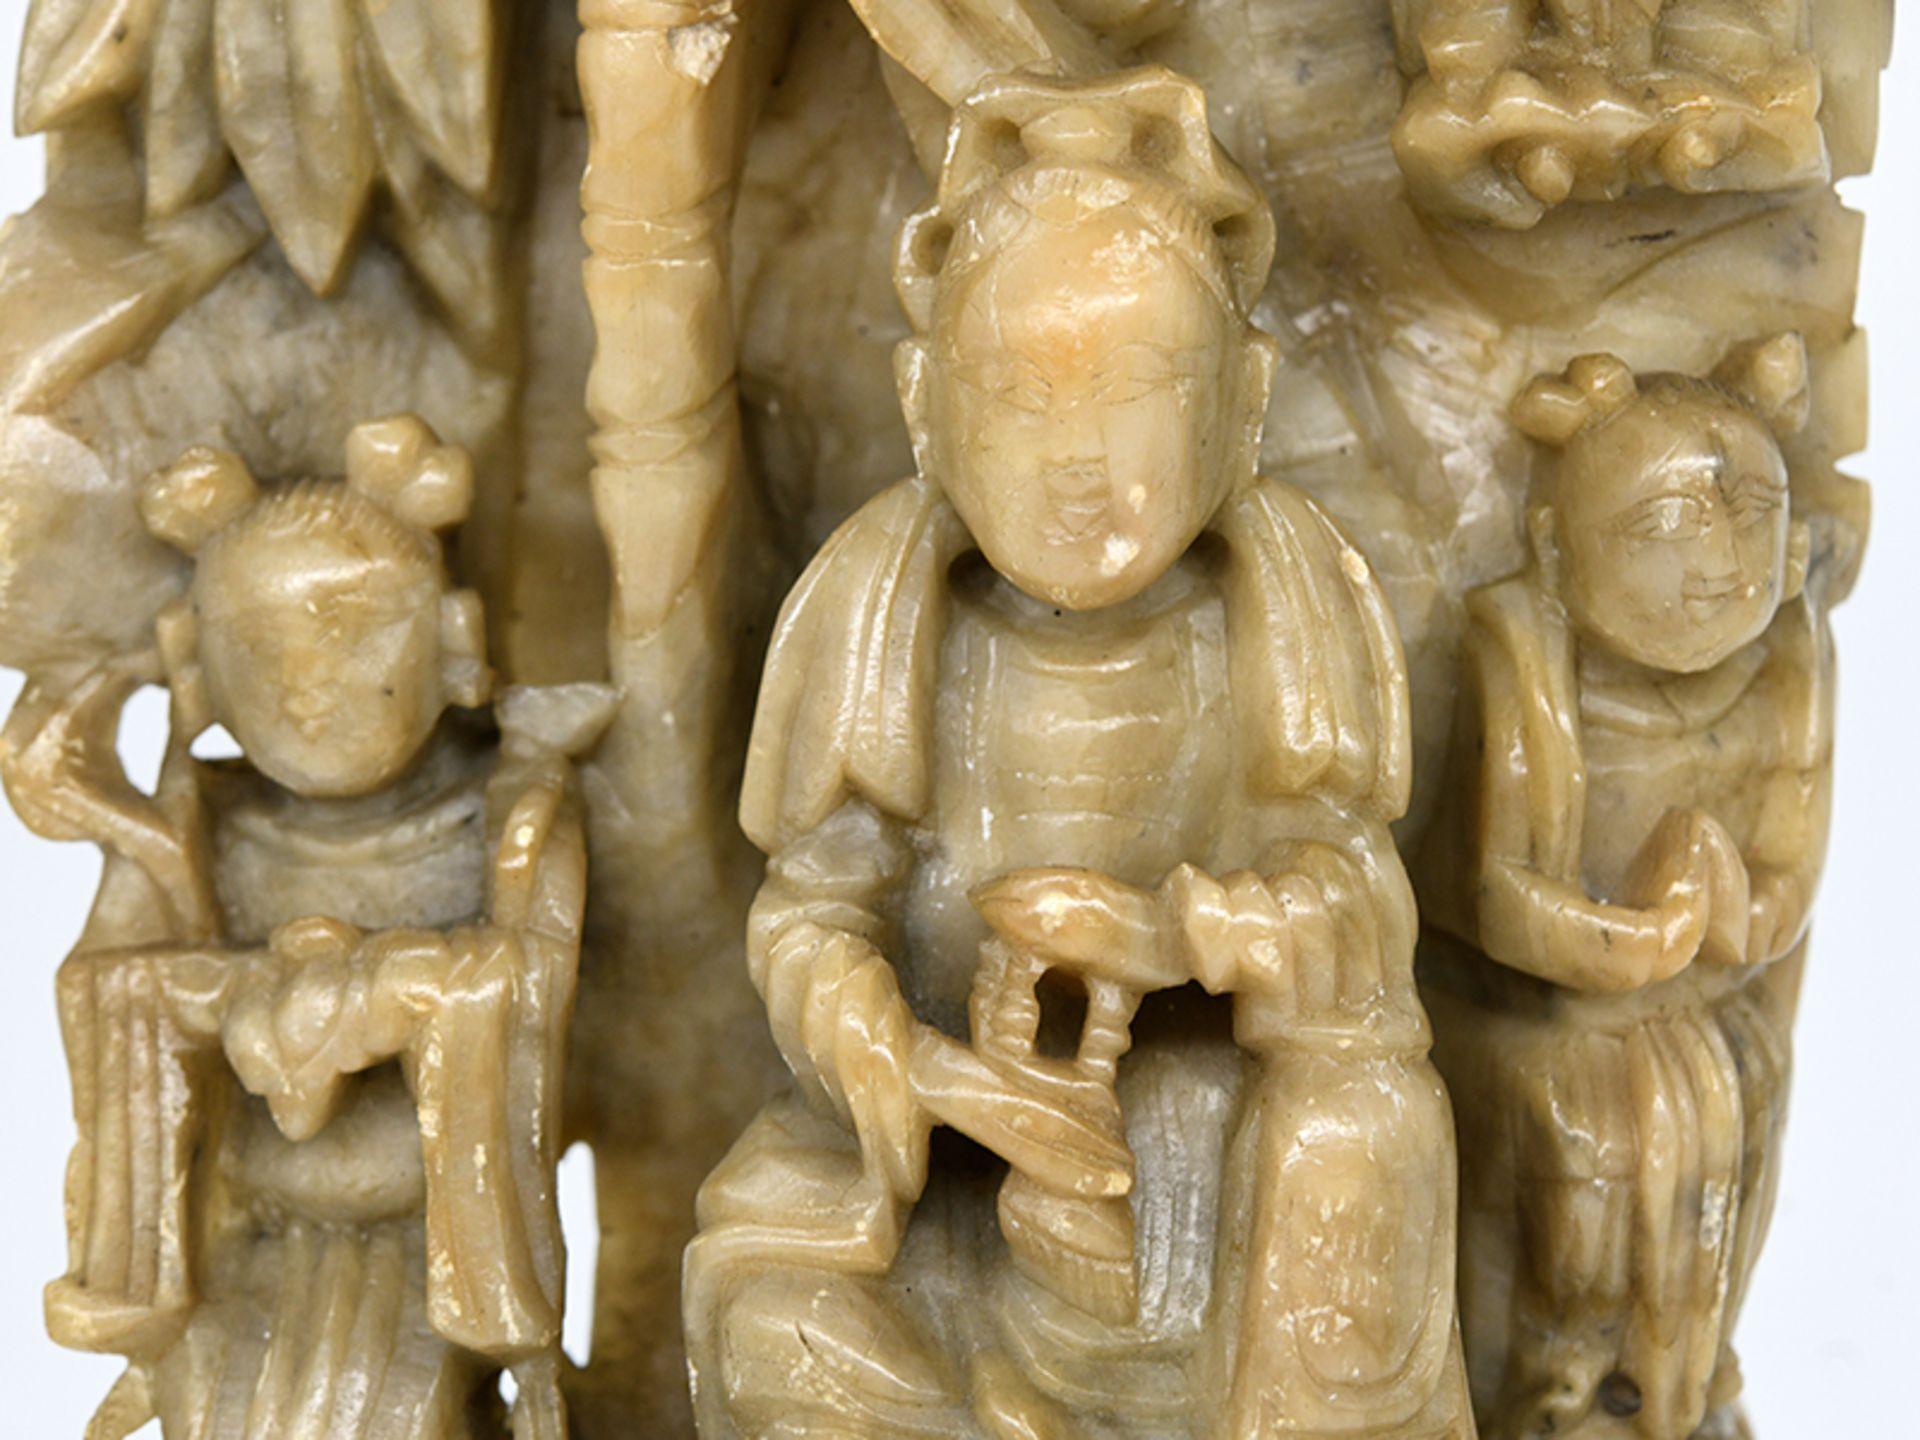 Buddhistische Speckstein-Figuren-Stele; China; wohl späte Ming-/frühe Qing-Zeit (17./18. Jh.). - Image 2 of 3